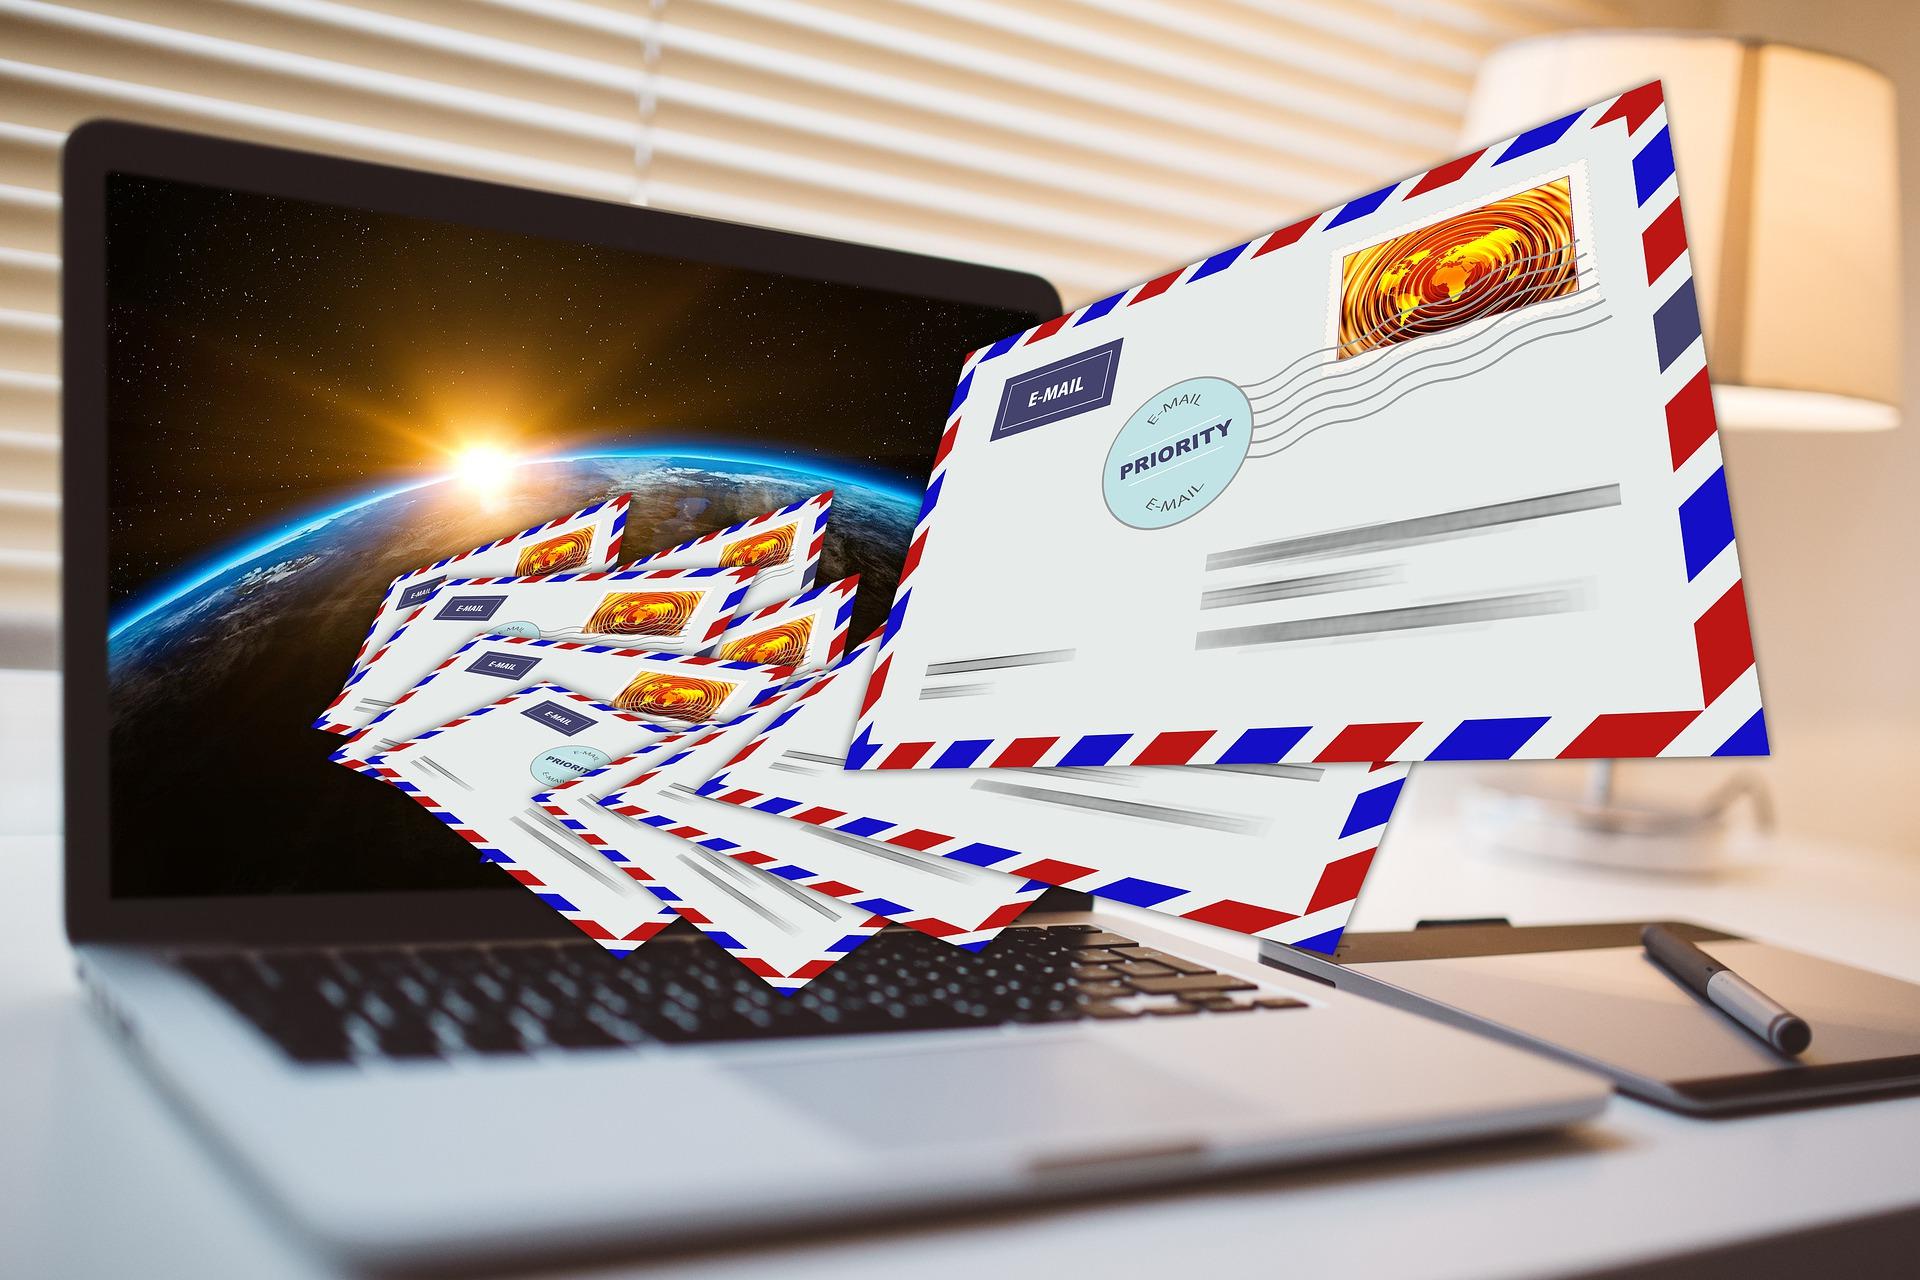 就活のメールの返信はどこまで?失敗しないマナーや注意点も紹介!